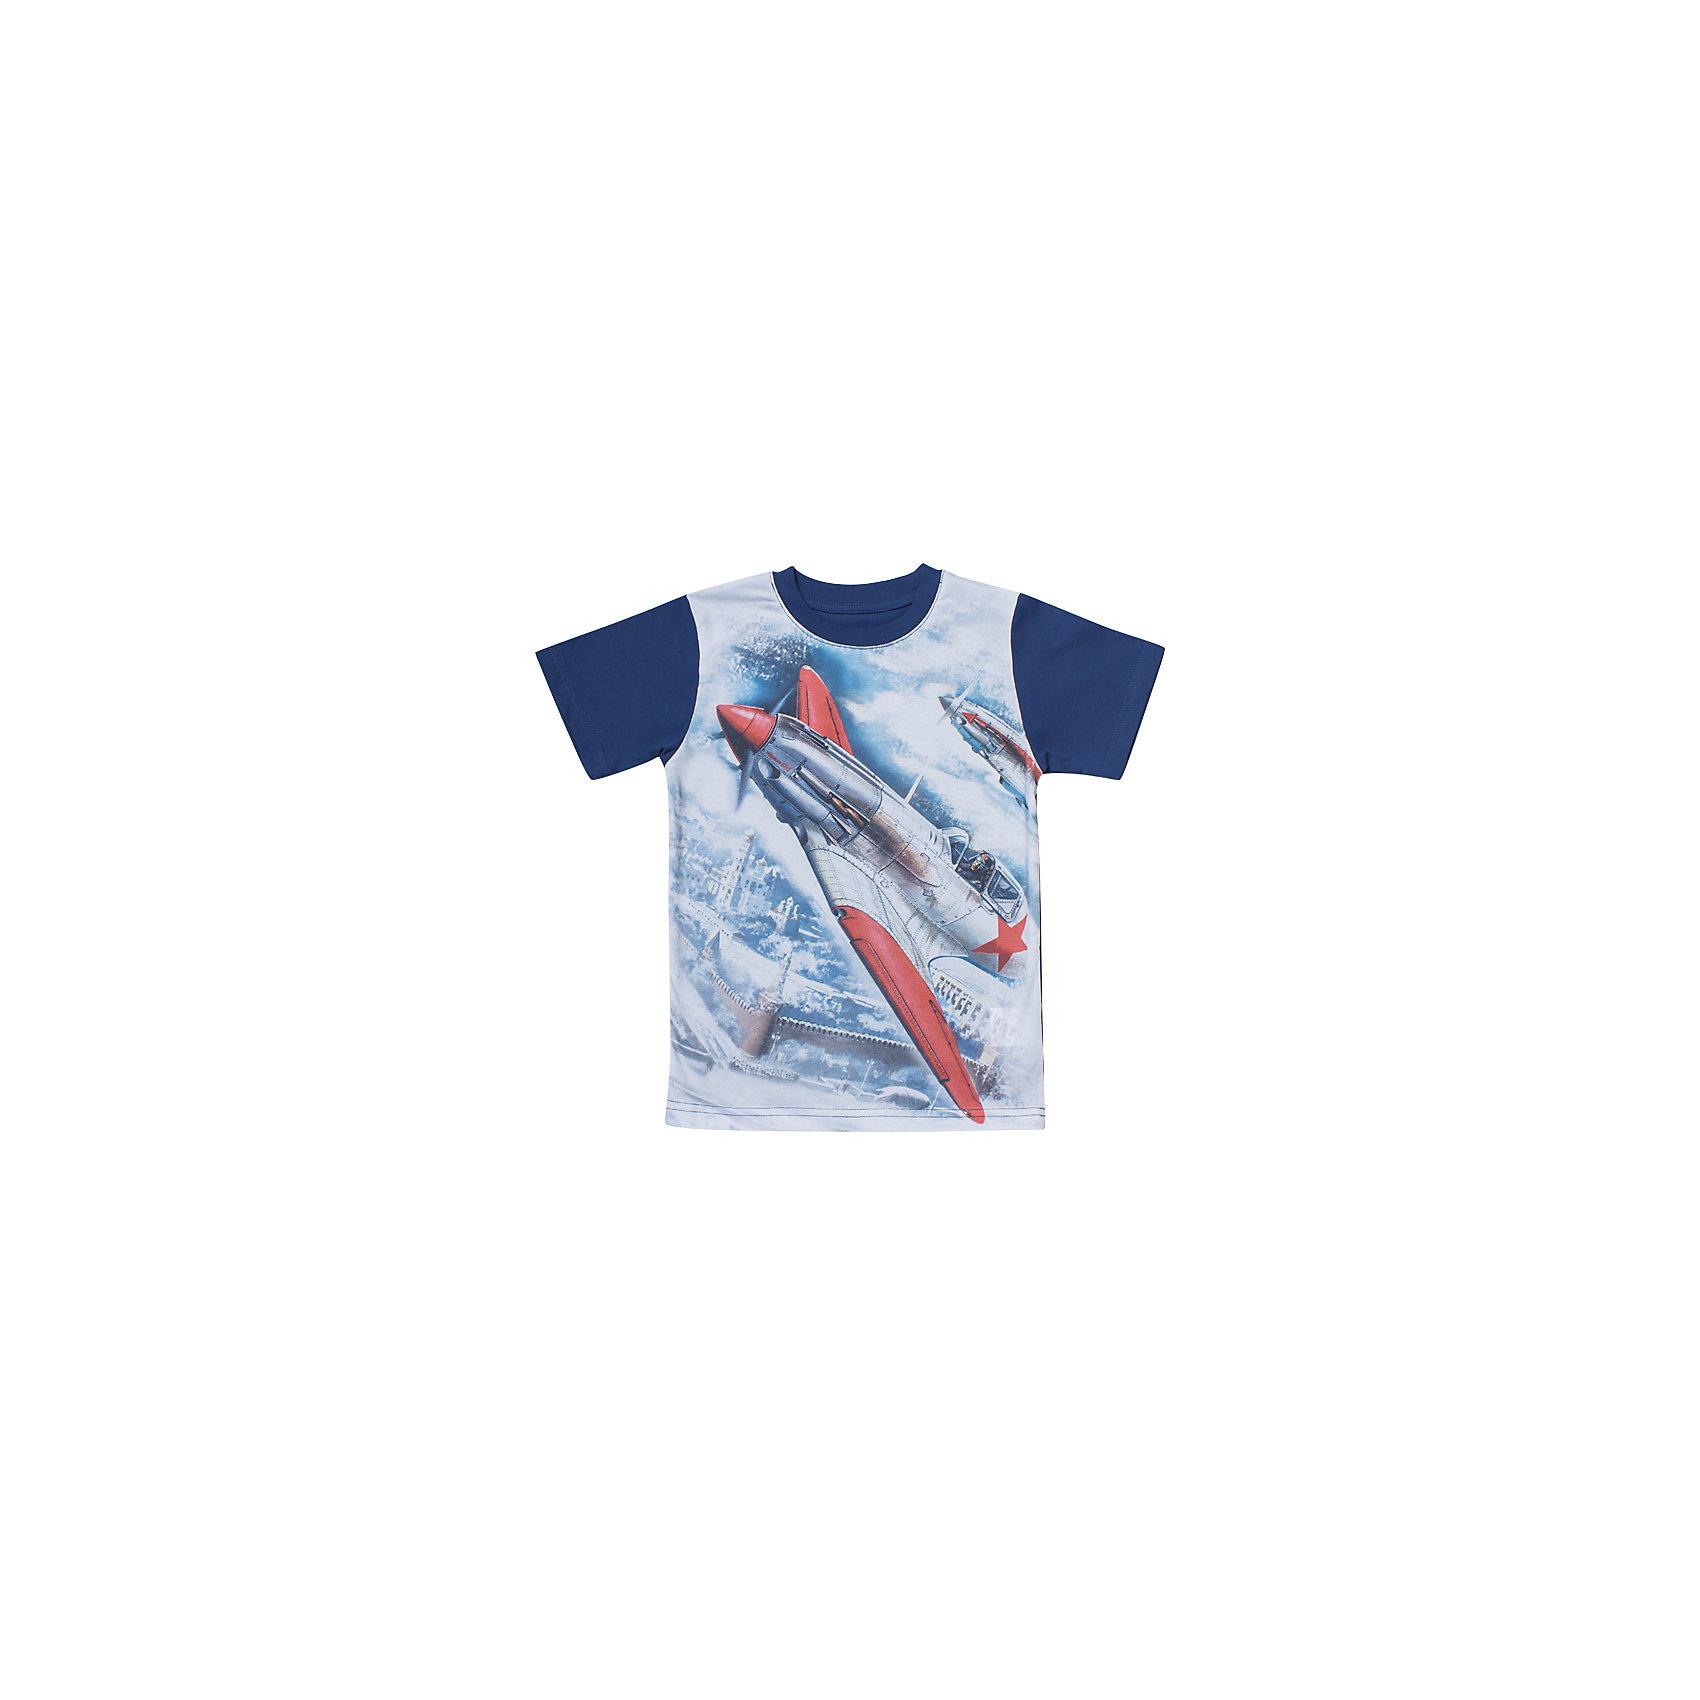 Футболка для мальчика WOWФутболки, поло и топы<br>Футболка для мальчика WOW<br>Незаменимой вещью в  гардеробе послужит футболка с коротким рукавом. Стильная и в тоже время комфортная модель, с яркой оригинальной печатью, будет превосходно смотреться на ребенке.<br>Состав:<br>кулирная гладь 100% хлопок<br><br>Ширина мм: 199<br>Глубина мм: 10<br>Высота мм: 161<br>Вес г: 151<br>Цвет: синий/белый<br>Возраст от месяцев: 156<br>Возраст до месяцев: 168<br>Пол: Мужской<br>Возраст: Детский<br>Размер: 164,128,158,152,146,140,134<br>SKU: 6871646